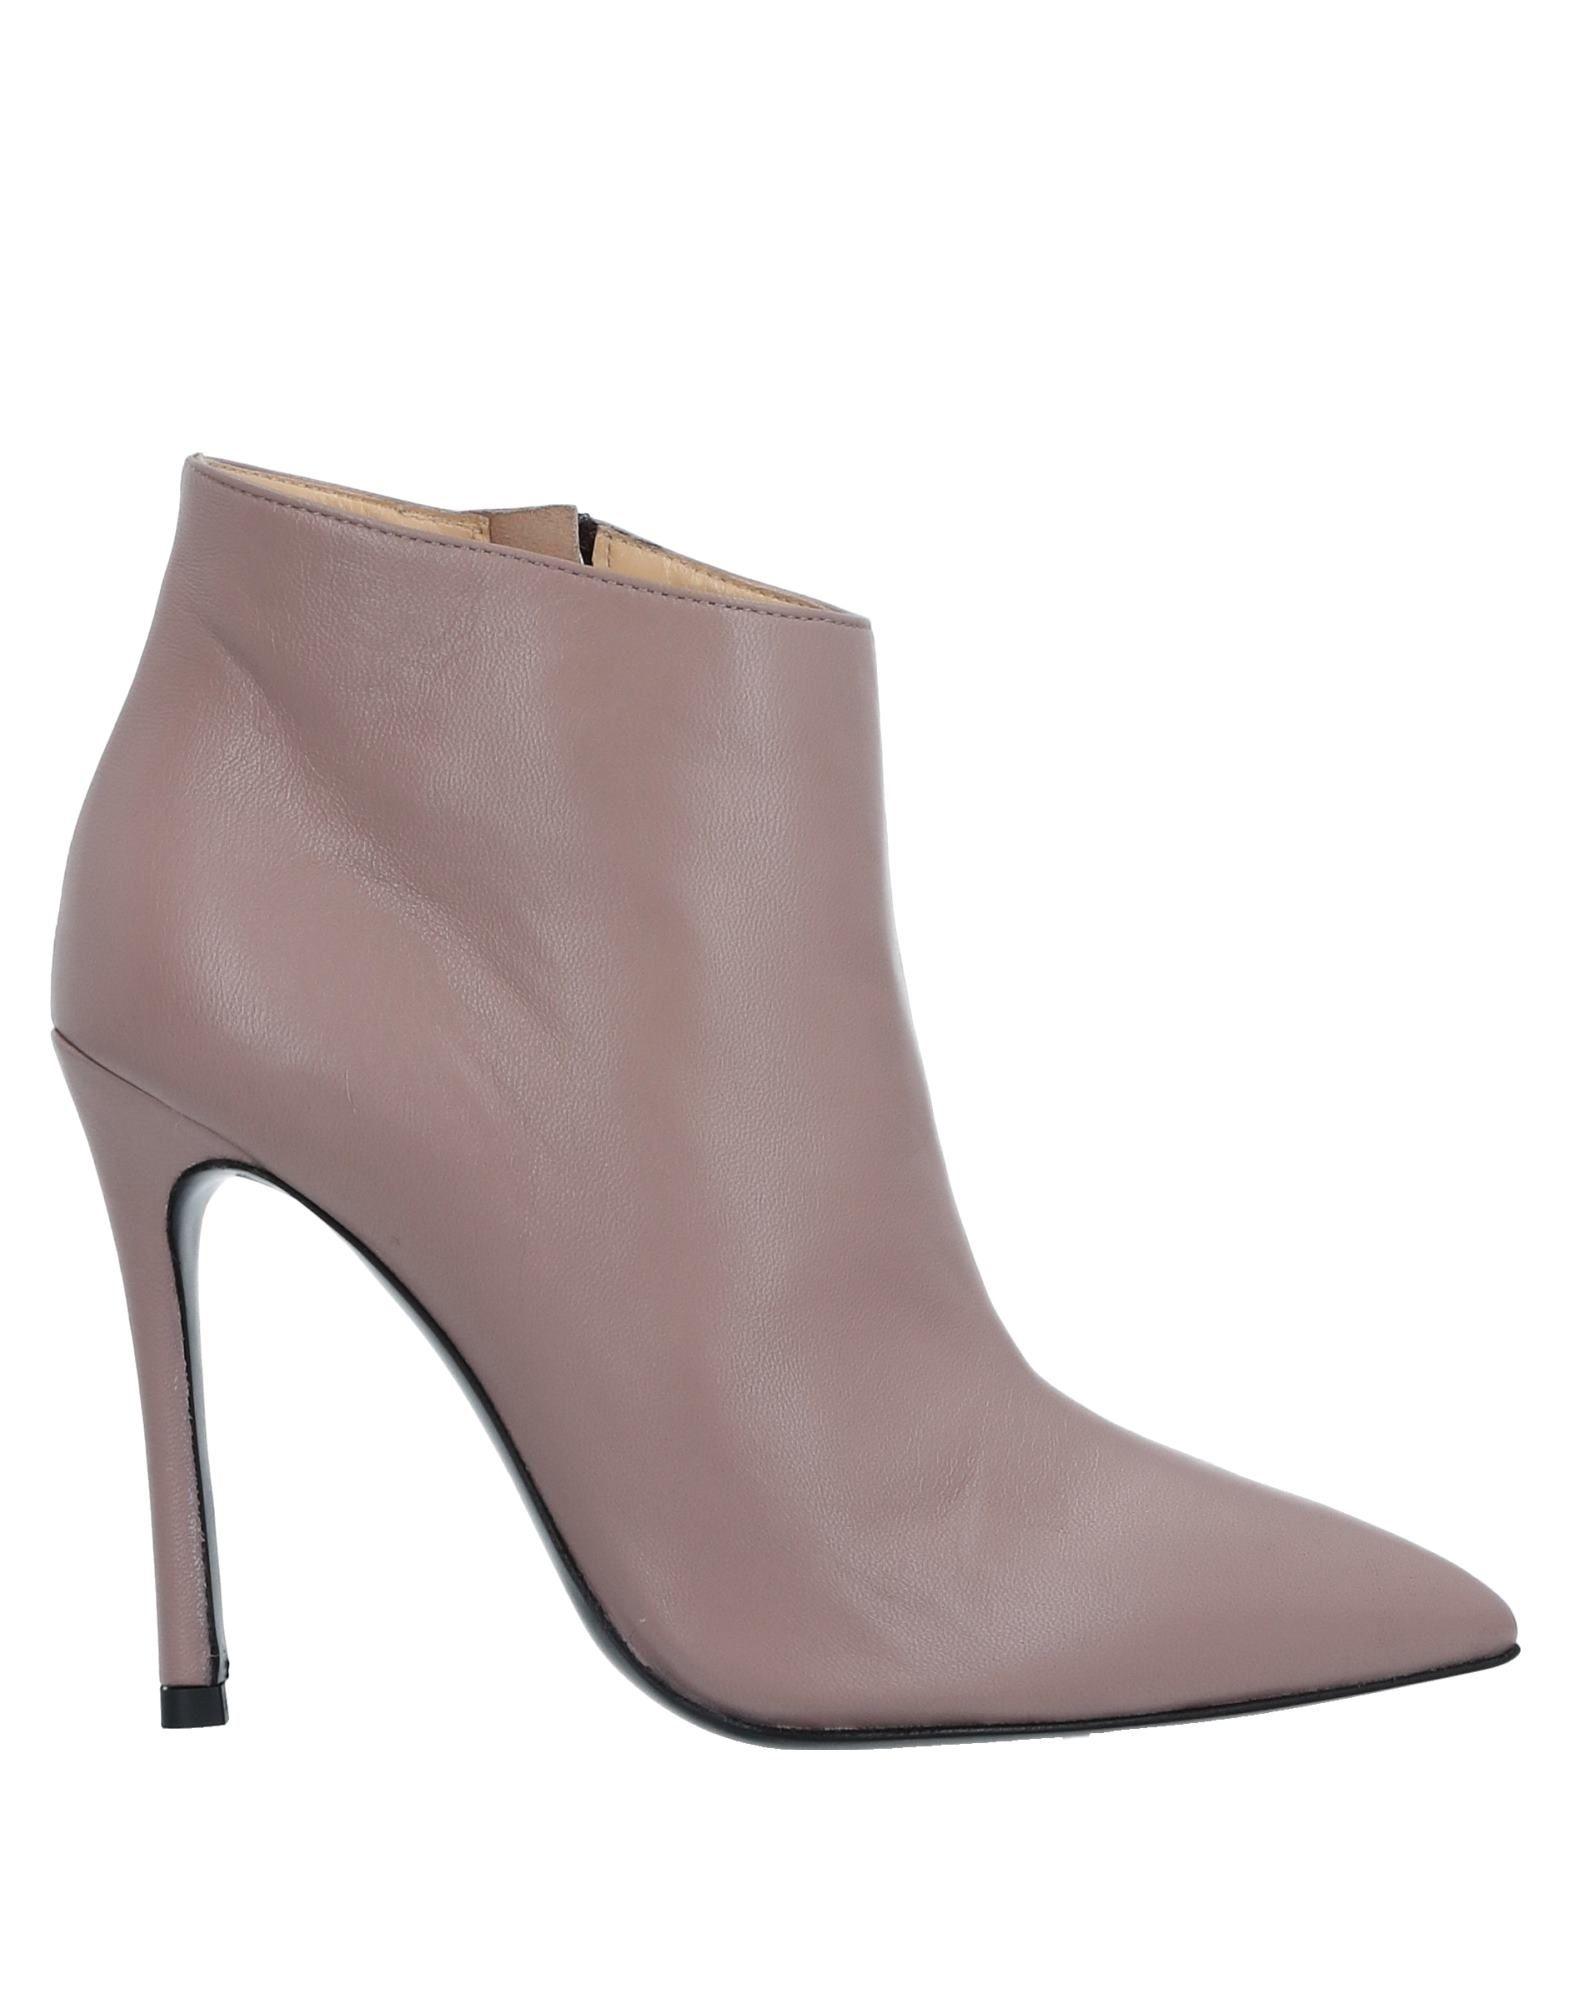 Icône Stiefelette Damen  11521295XSGut aussehende strapazierfähige Schuhe